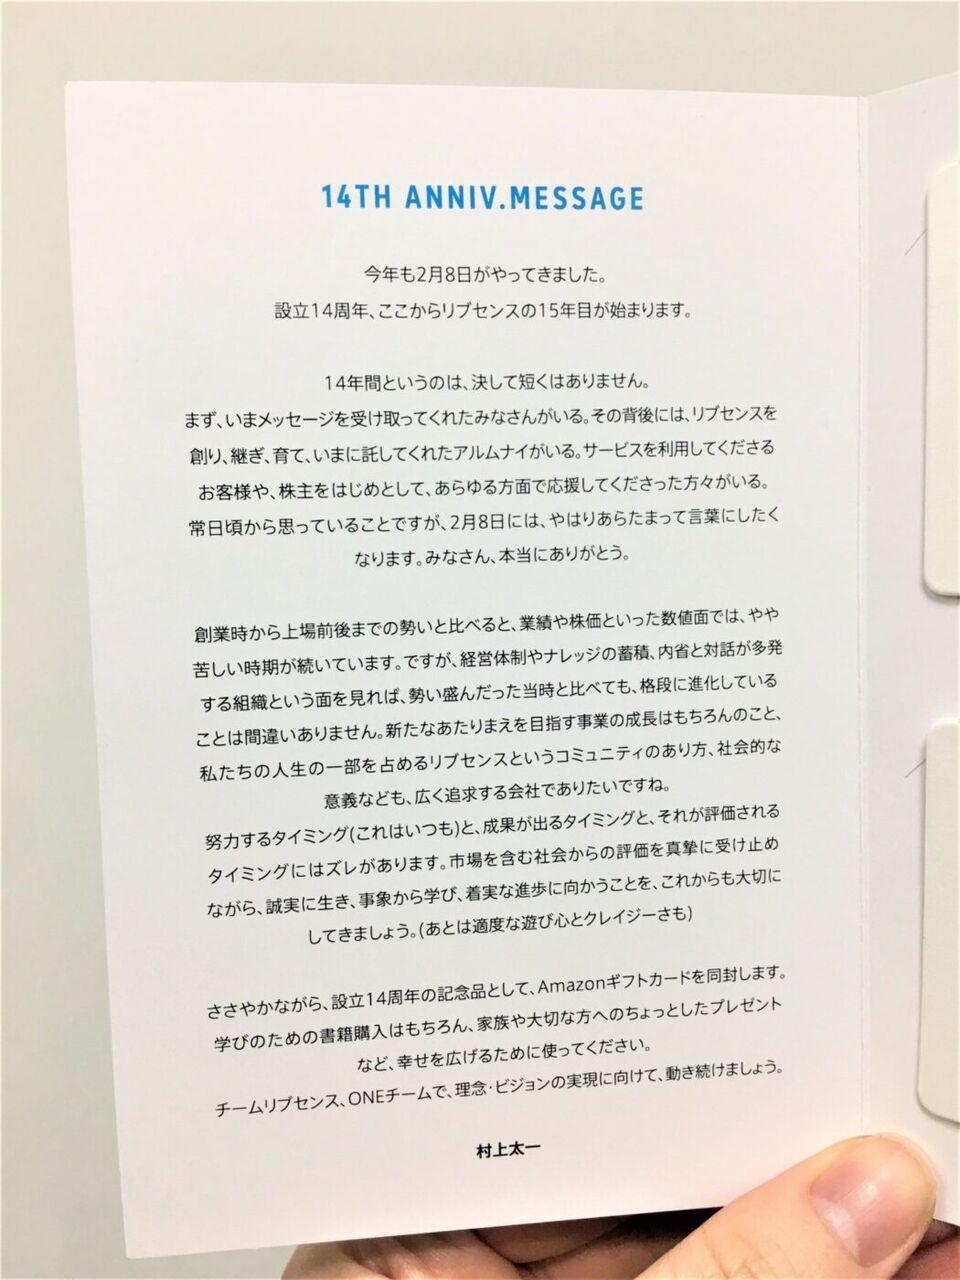 14周年_カード村上さんメッセージre-1050x1400